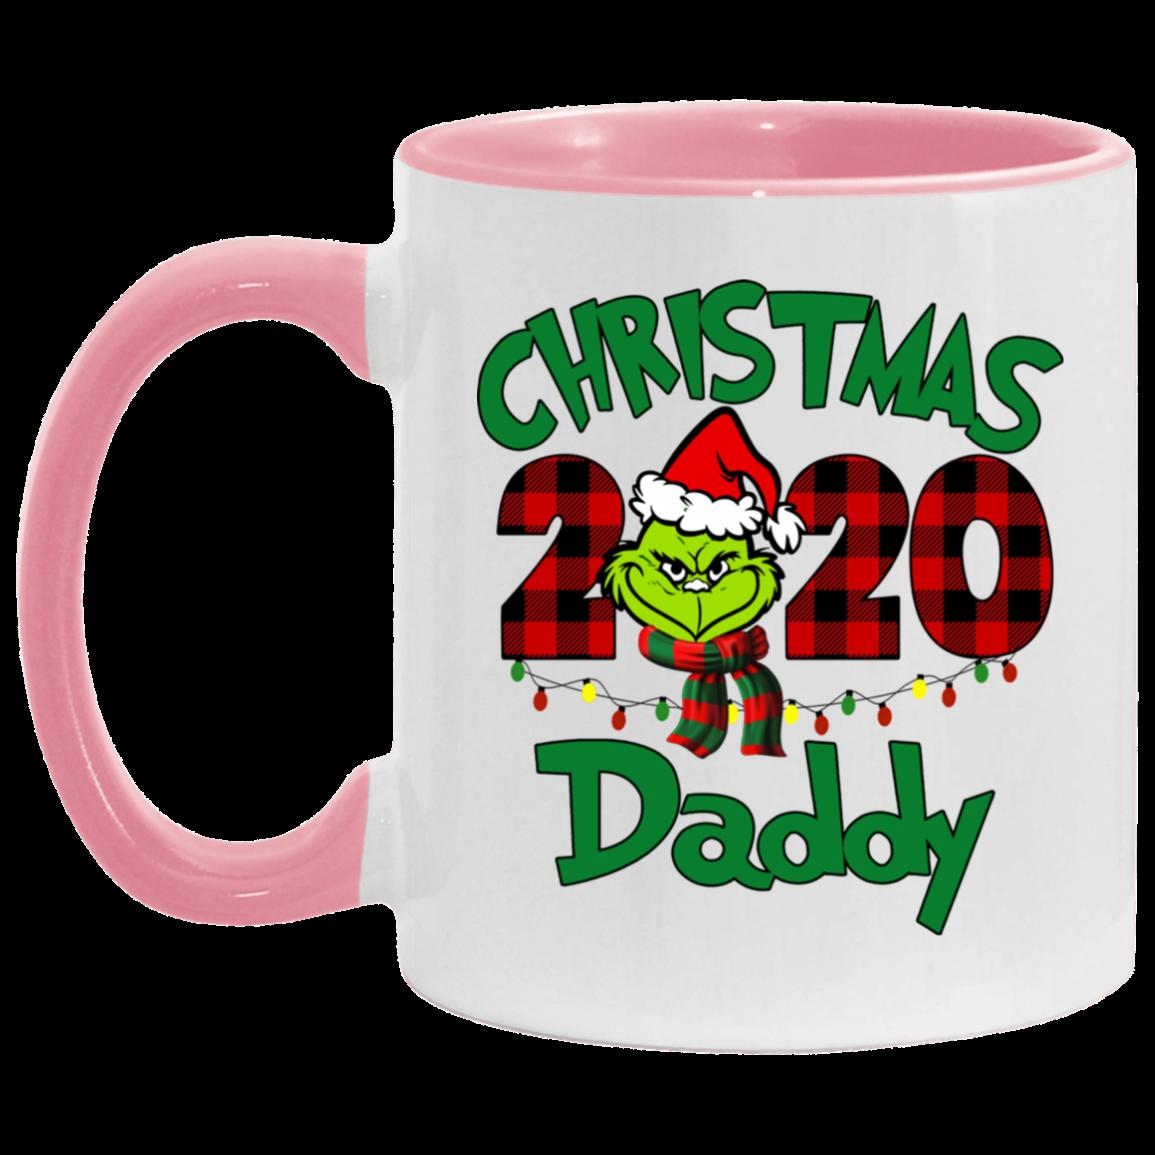 Personalized Mug Grinch Christmas 2020 Daddy Gifts Mug Custom Name Family Christmas Coffee Mugs Awesome Tee Fashion